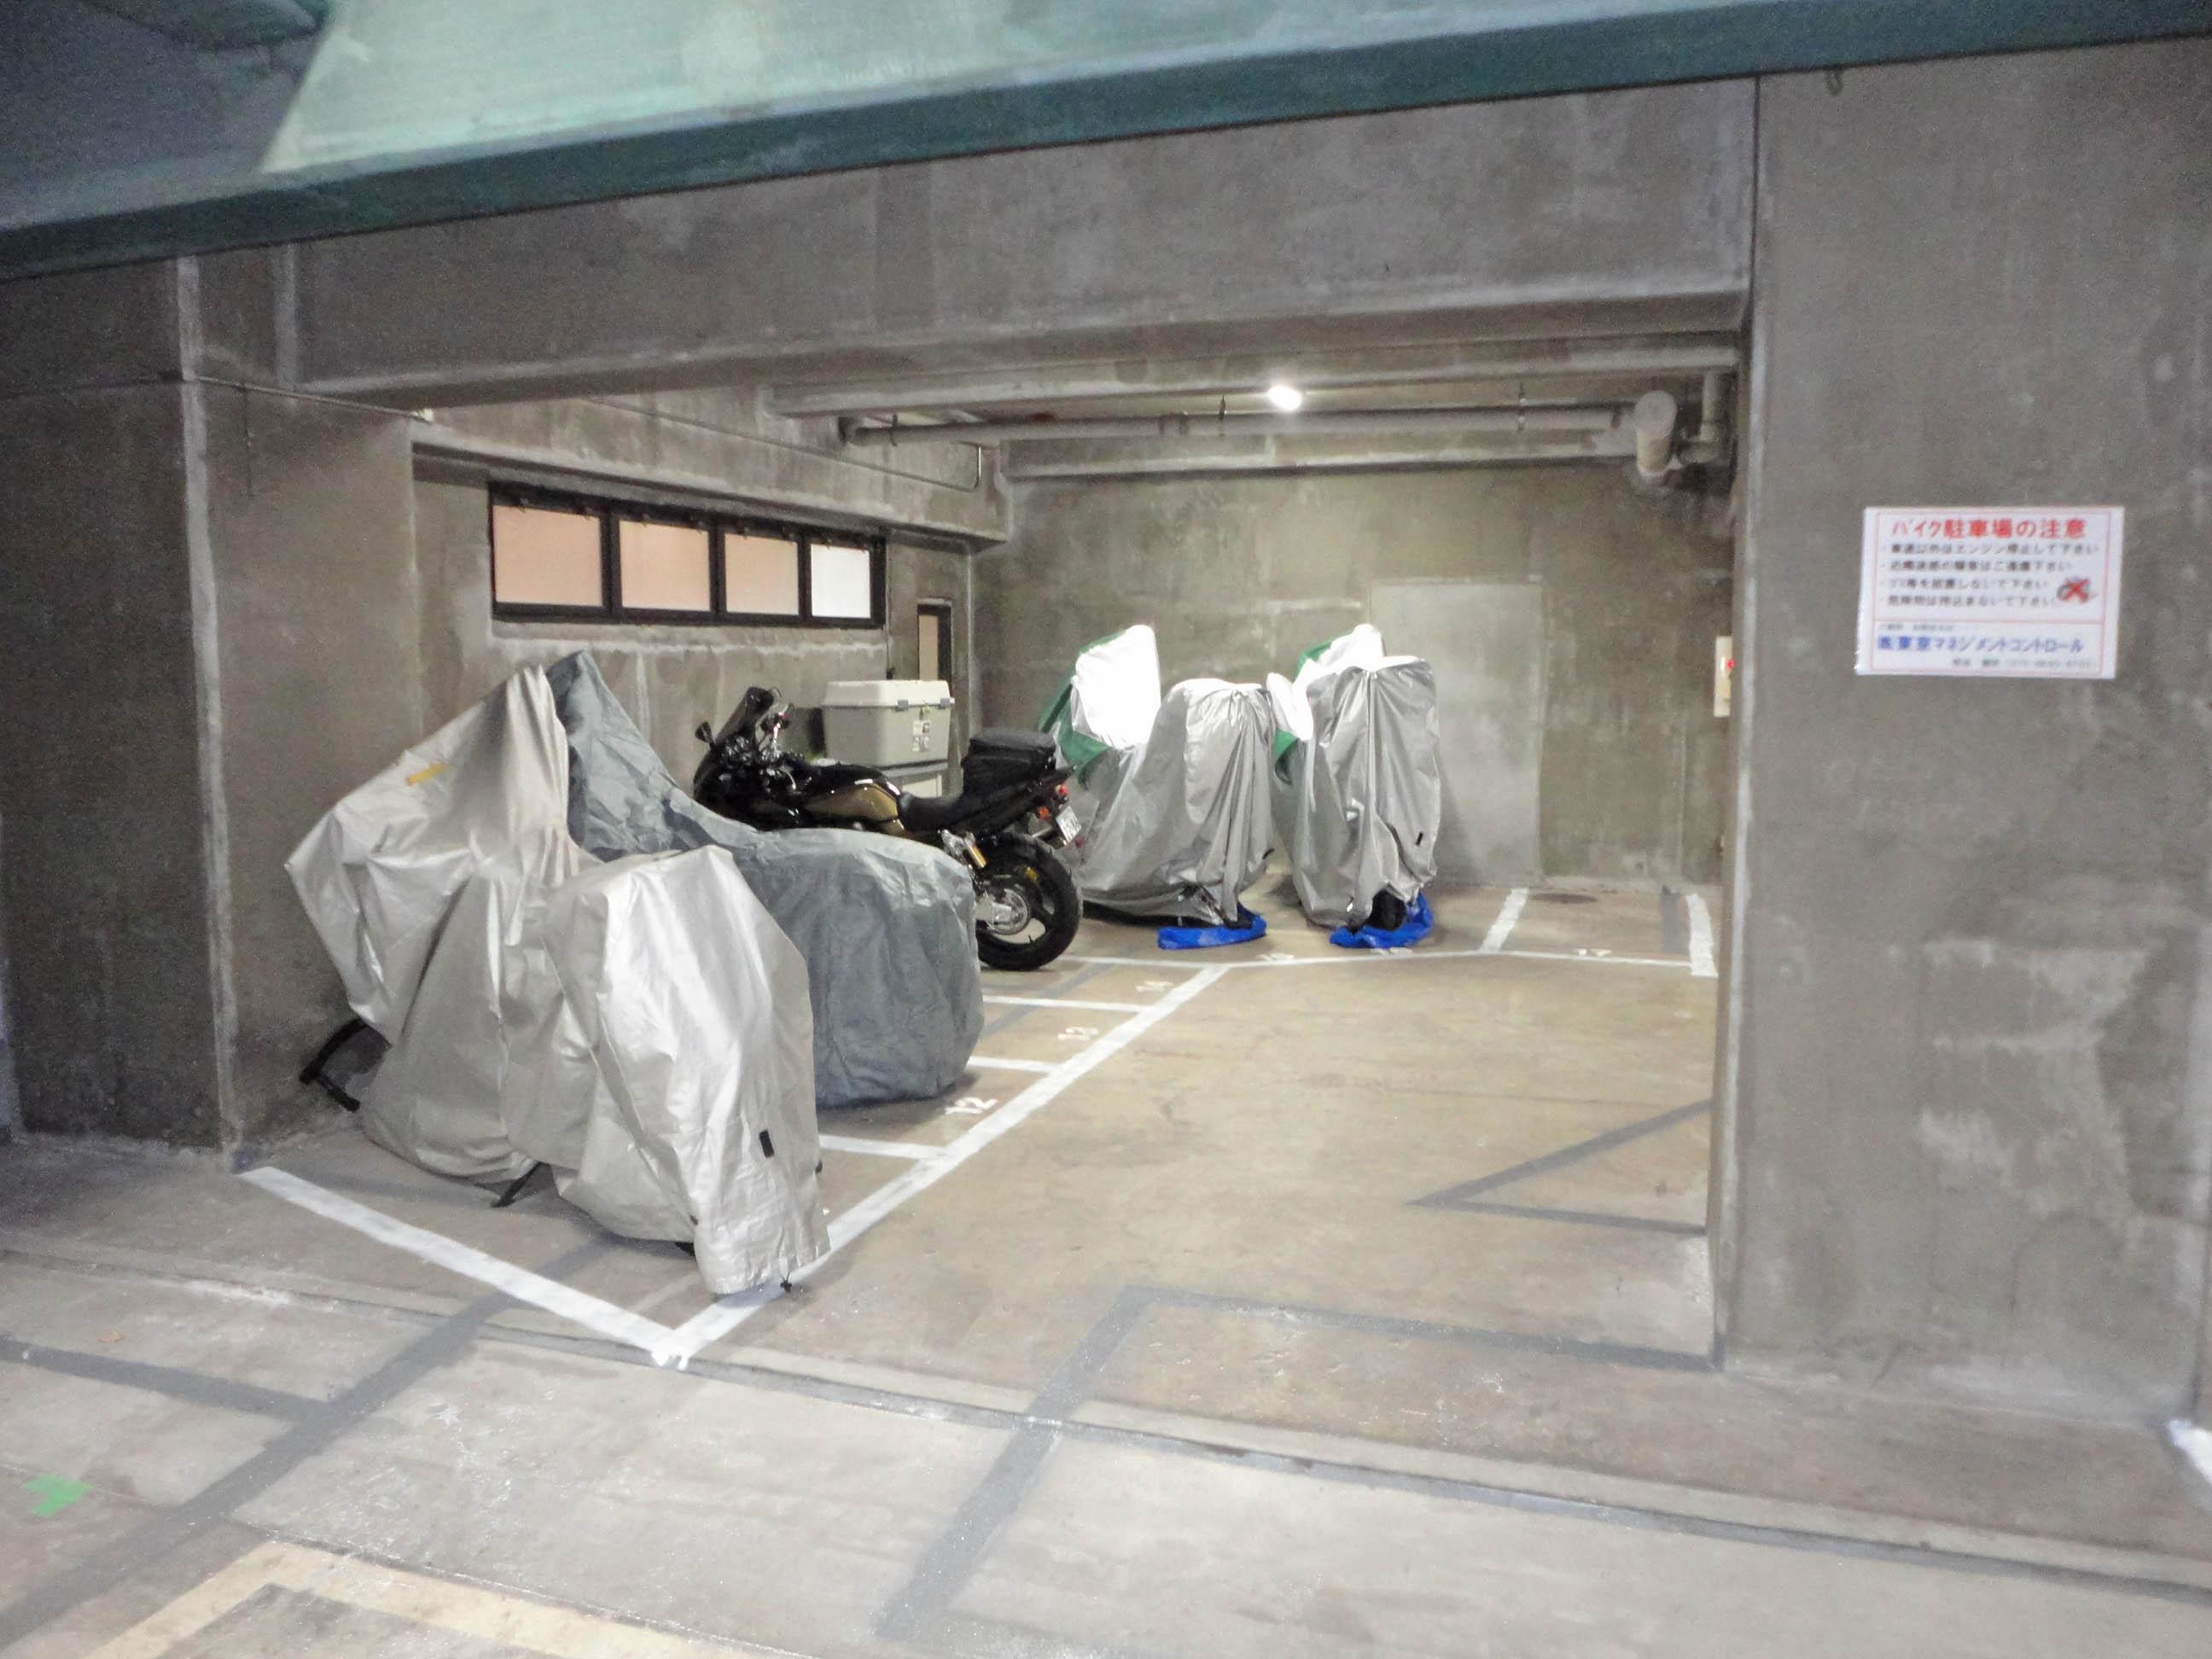 tmcバイク駐車場 北区王子神谷の物件外観